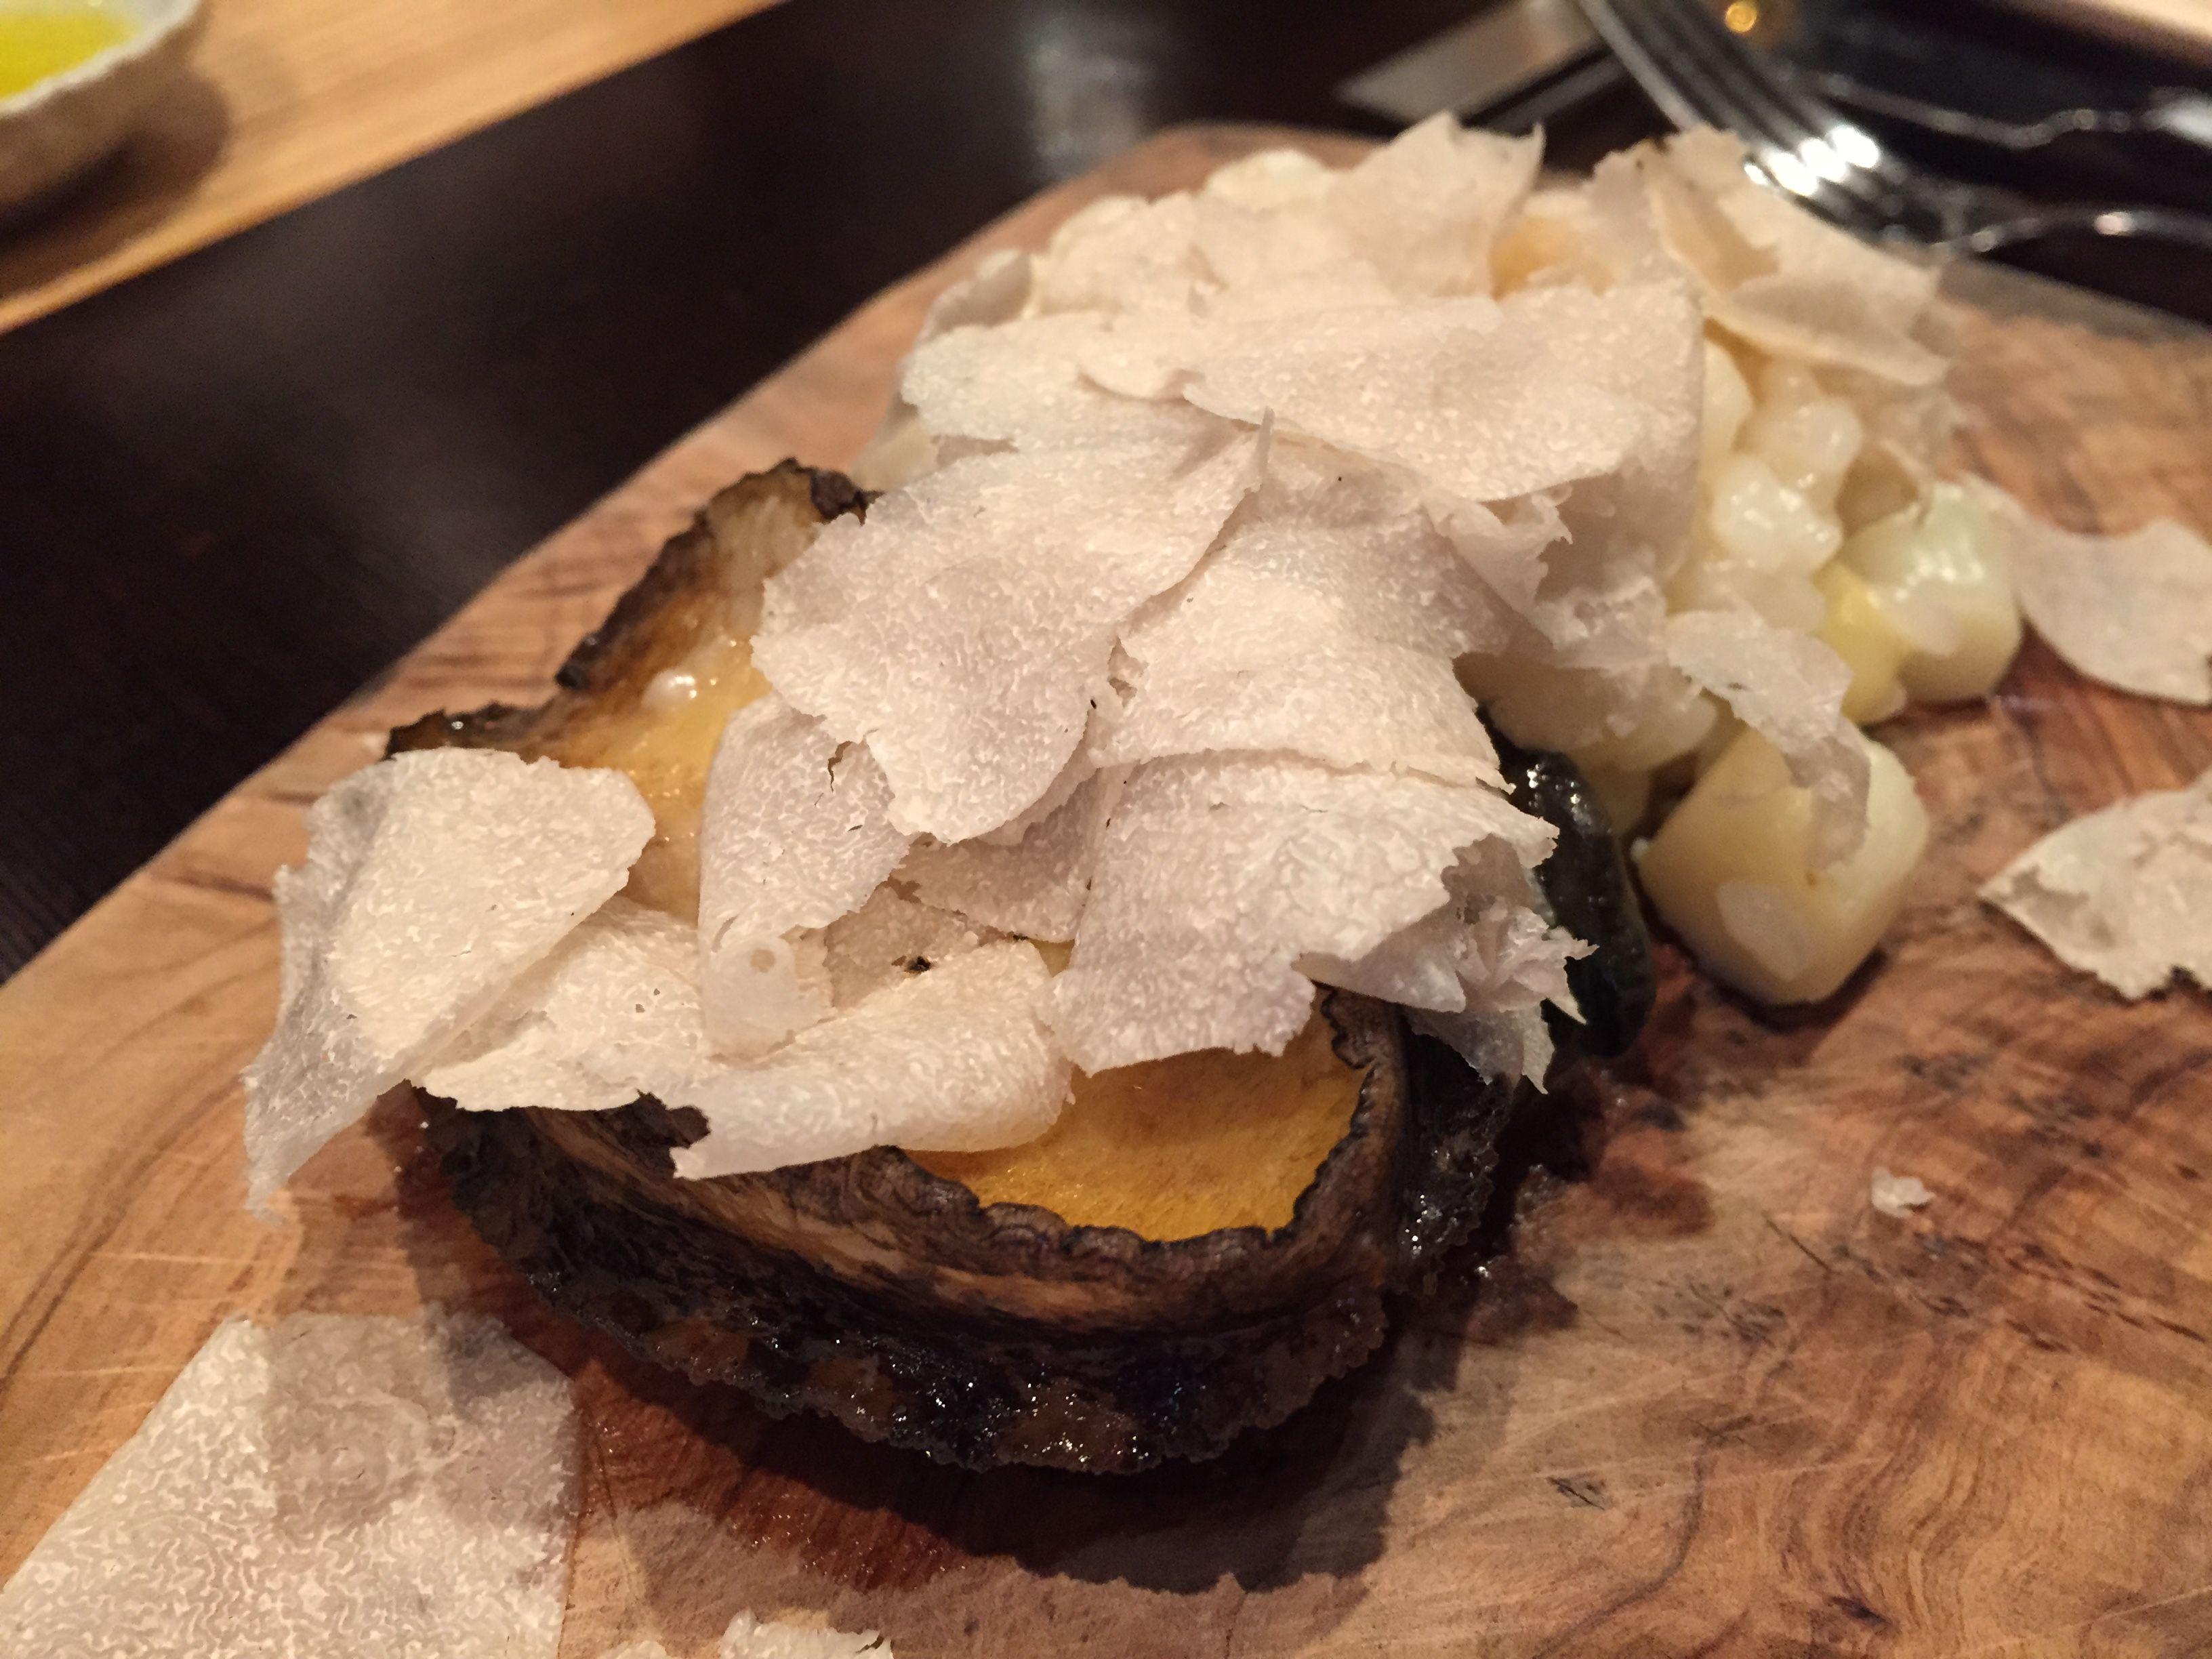 """<p>「京都でナンバーワンと称されるイタリアンレストラン『やまぐち』。カウンター6席と個室のみの店内は、京の風情を感じさせる和な造りなっています。イタリアンという枠に留まらないお料理にも、和の食材や表現が随所に散りばめられており、その絶妙な融合に舌鼓を打ちます。サマートリュフを惜しげもなくのせたり、アワビをひとりひとつずつ調理してくれたりと、高級食材をふんだんに使うところも特徴です」</p><p><span class=""""redactor-invisible-space"""" data-verified=""""redactor"""" data-redactor-tag=""""span"""" data-redactor-class=""""redactor-invisible-space""""></span></p>"""